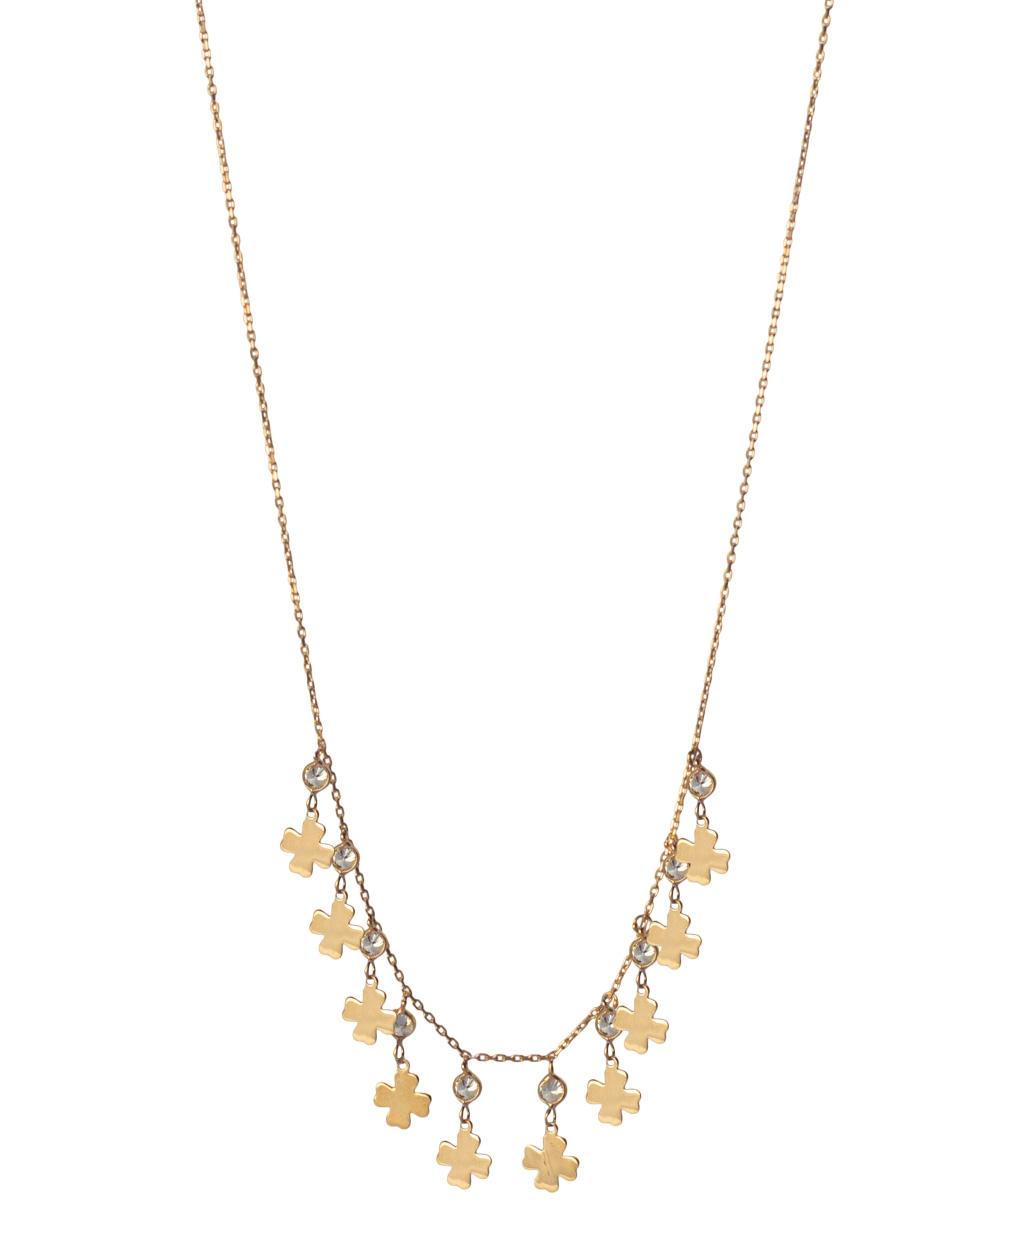 Gourmet Clover Silver Necklace